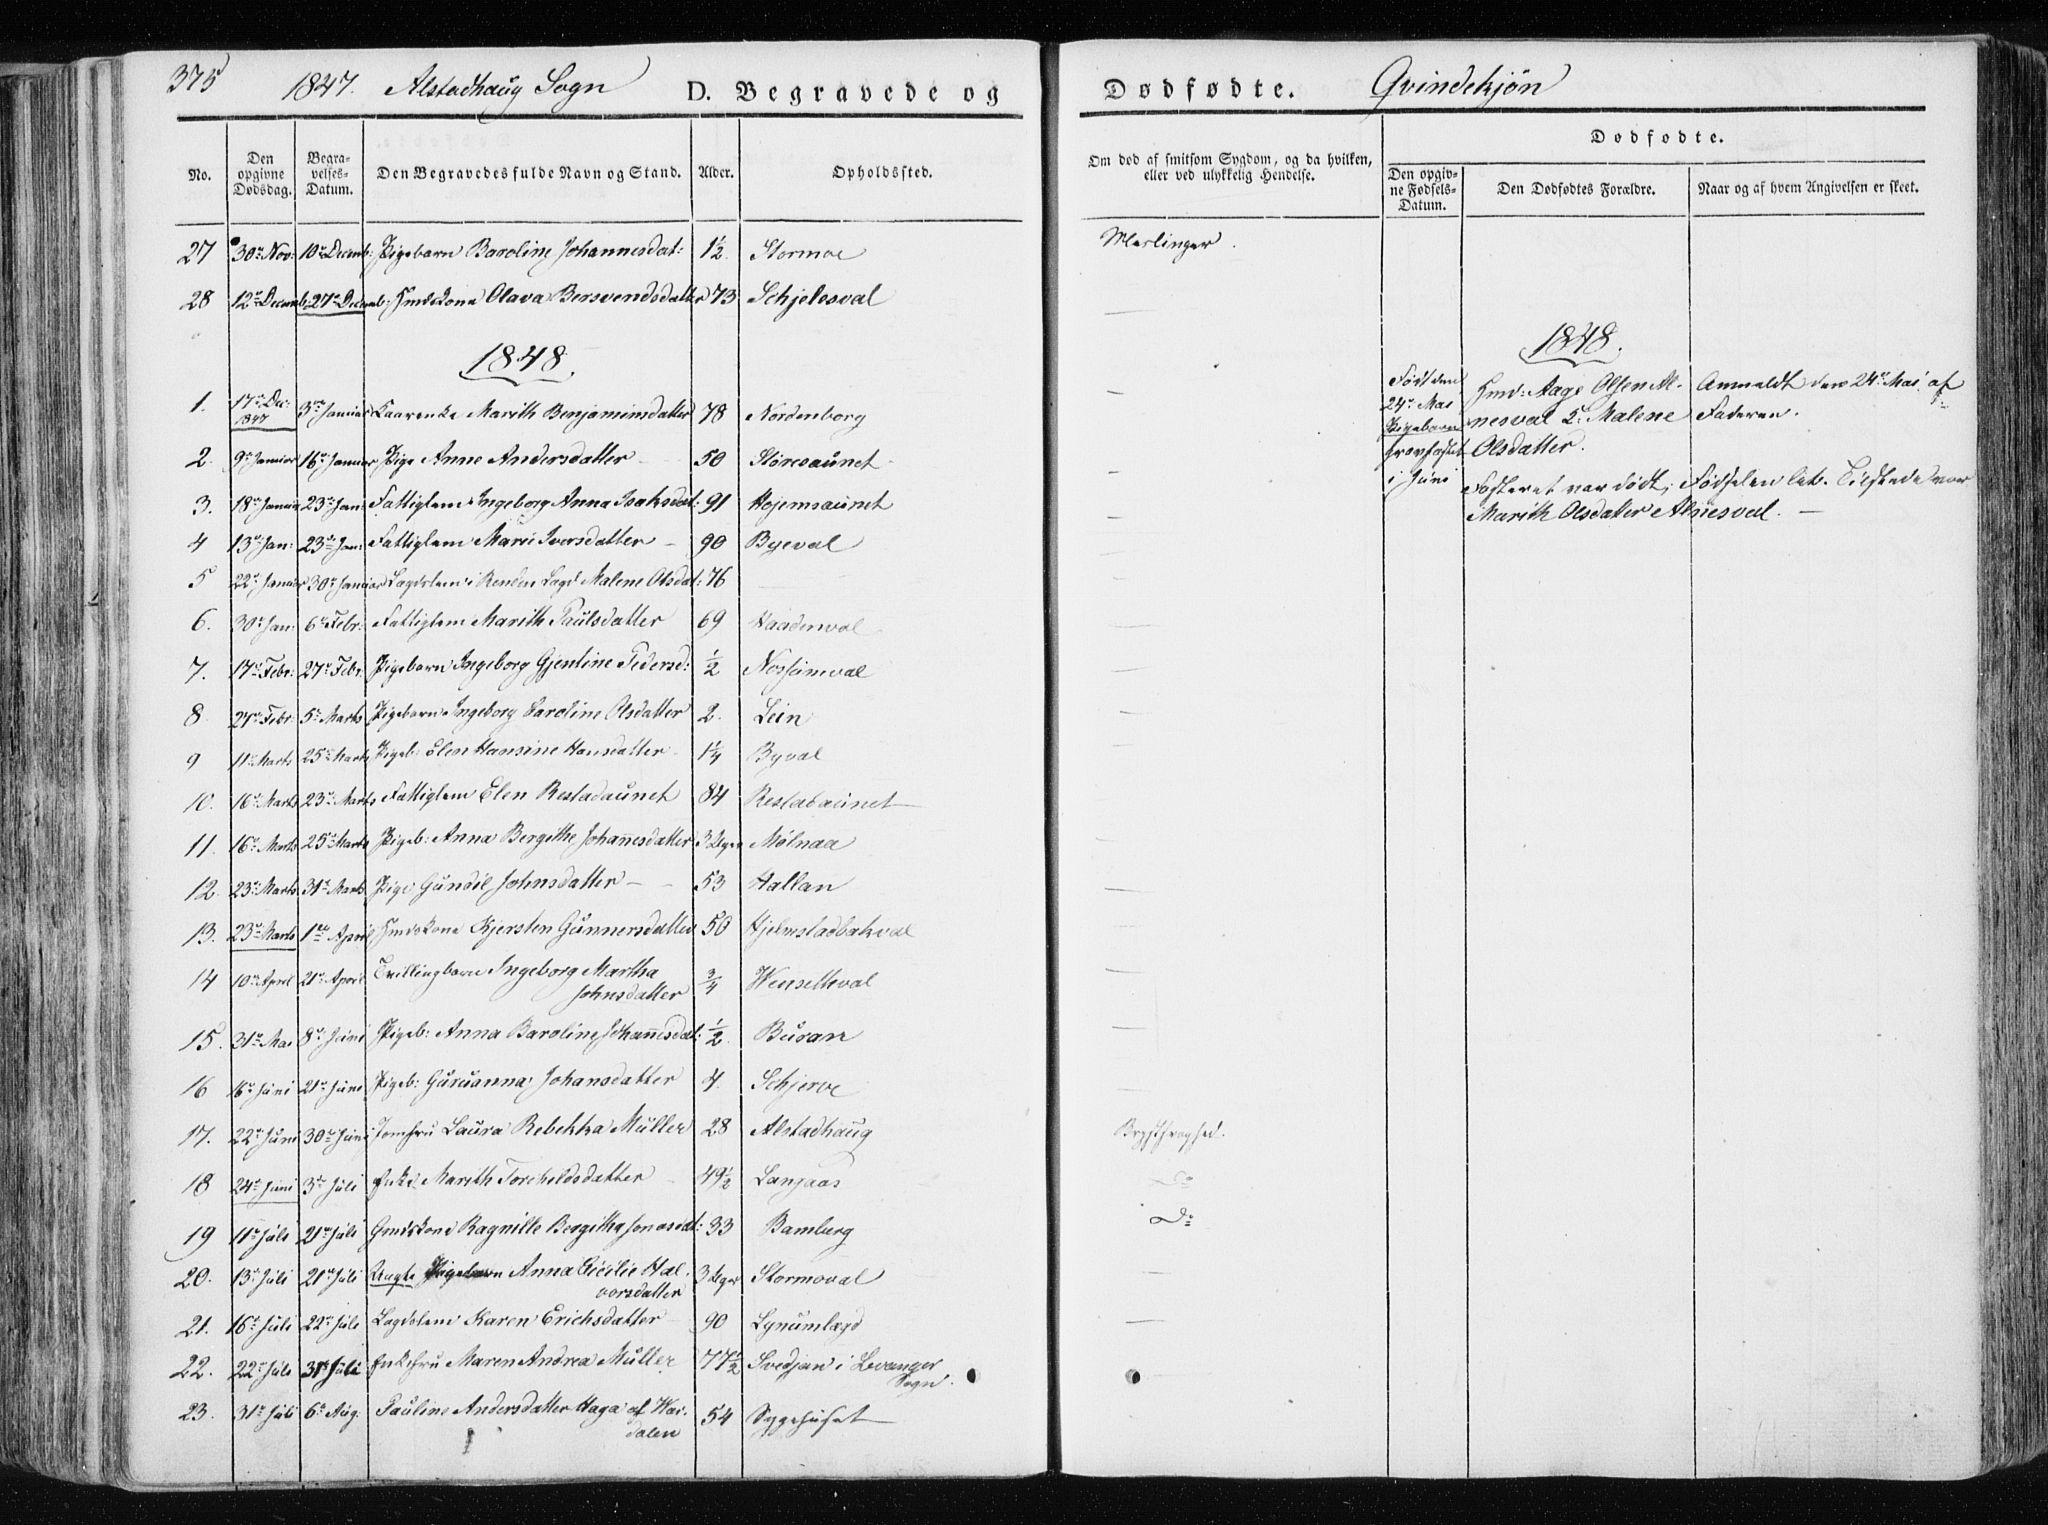 SAT, Ministerialprotokoller, klokkerbøker og fødselsregistre - Nord-Trøndelag, 717/L0154: Ministerialbok nr. 717A06 /1, 1836-1849, s. 375